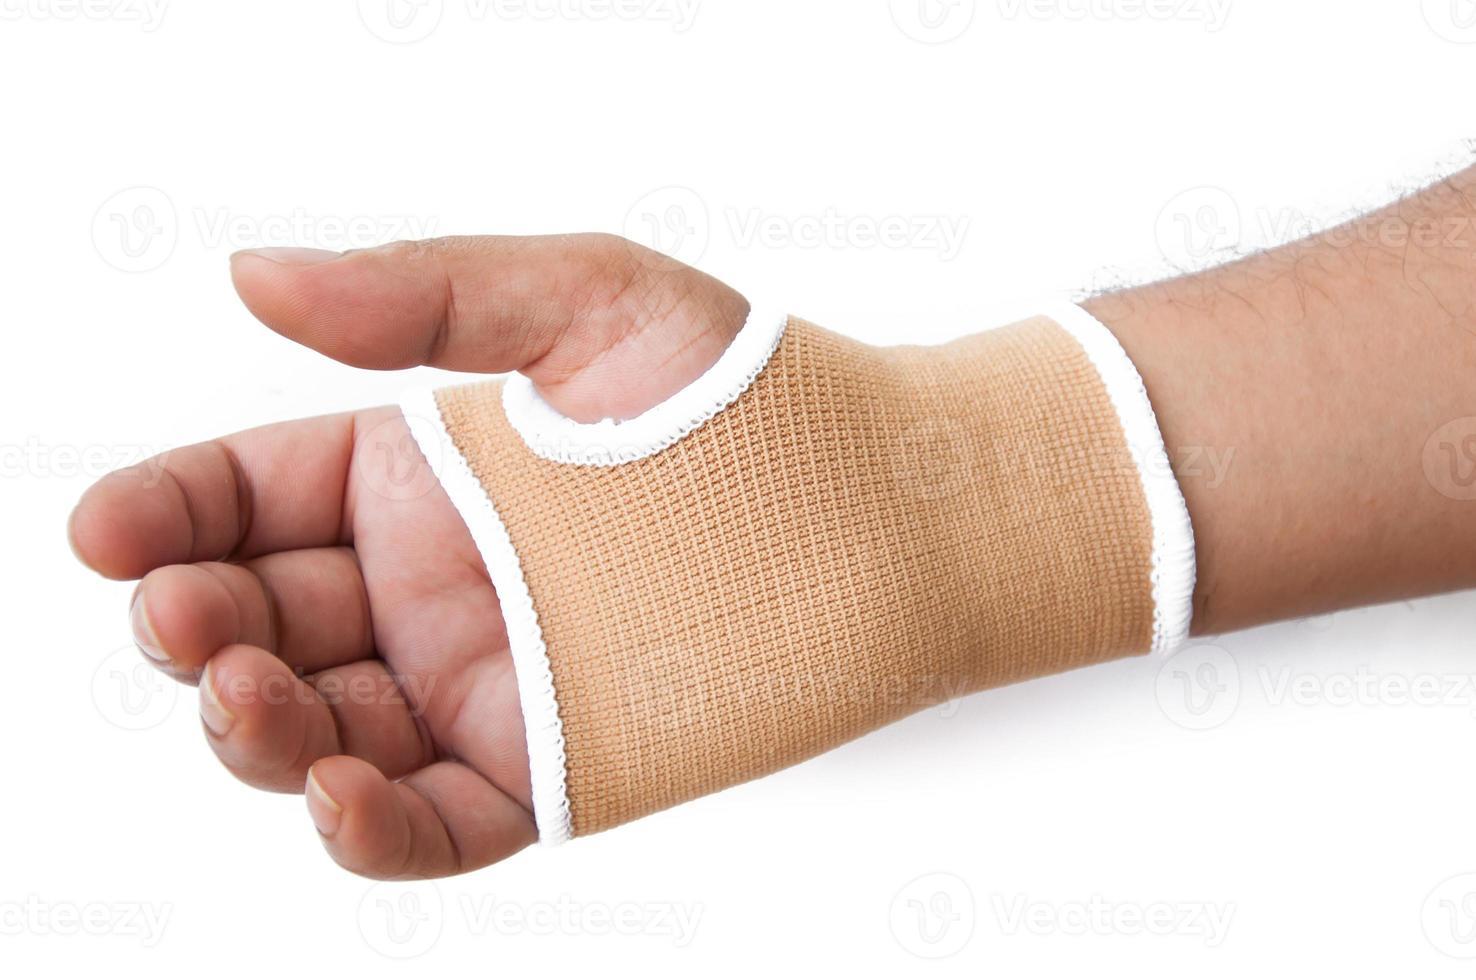 männliche Hand gestikuliert mit Neopren-Handgelenkstütze über Weiß foto